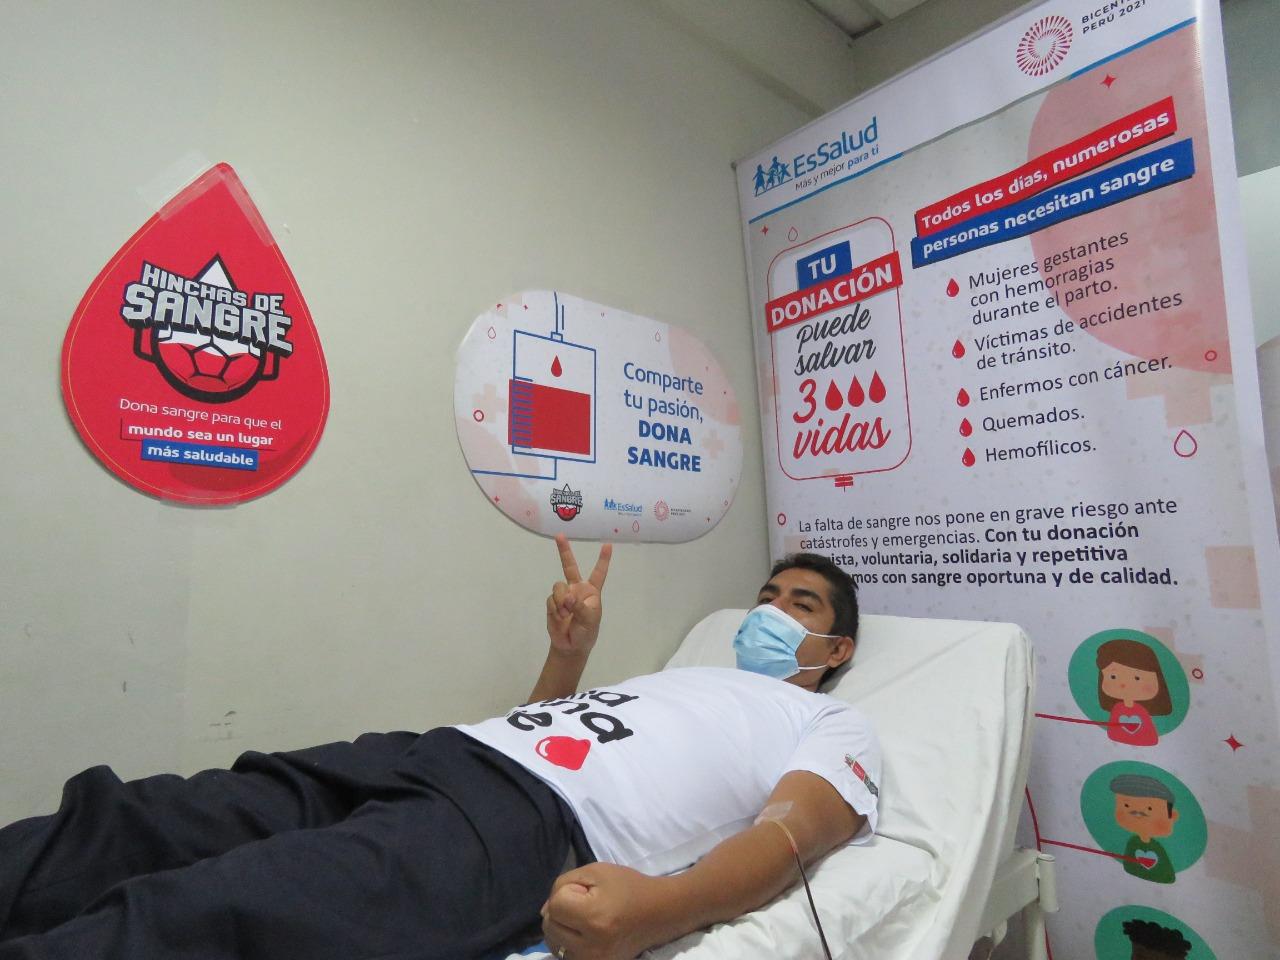 Essalud - EsSalud Cusco organizó campaña de concientización de donación de sangre